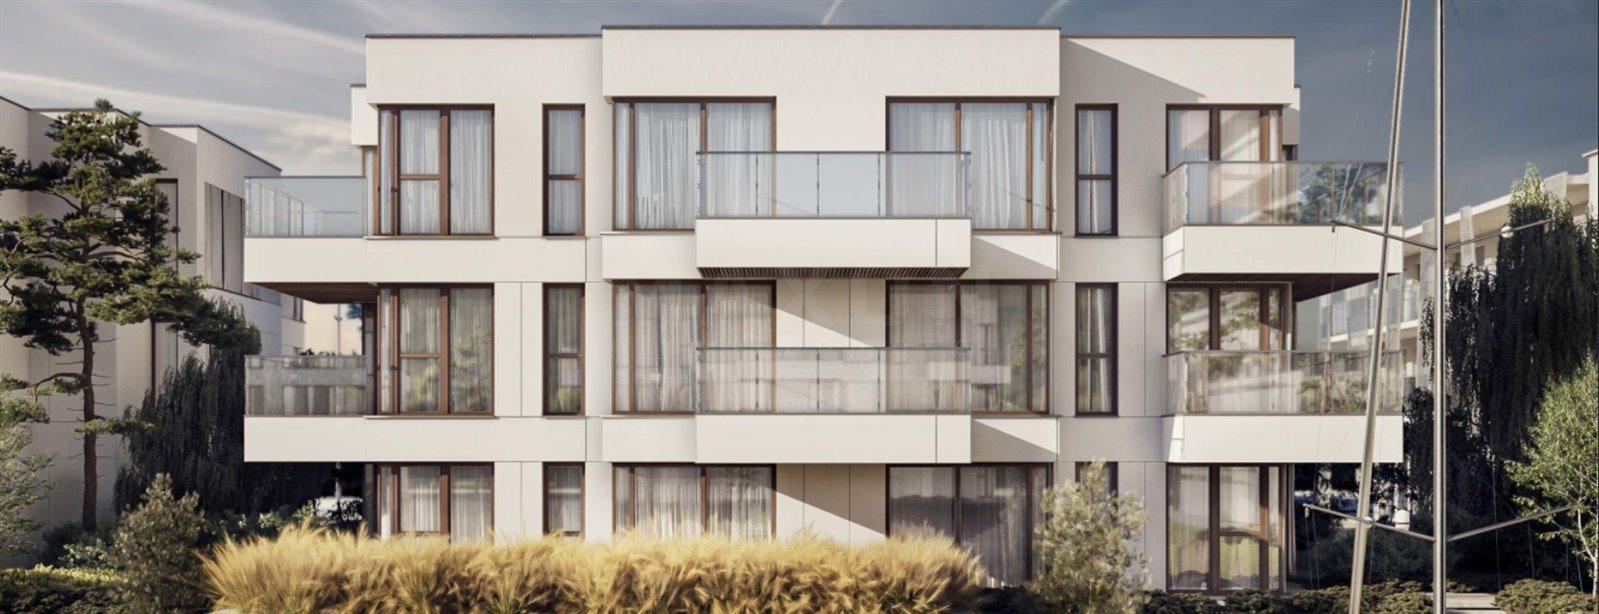 Mieszkanie trzypokojowe na sprzedaż Gdańsk, ul. Nadwiślańska  77m2 Foto 8